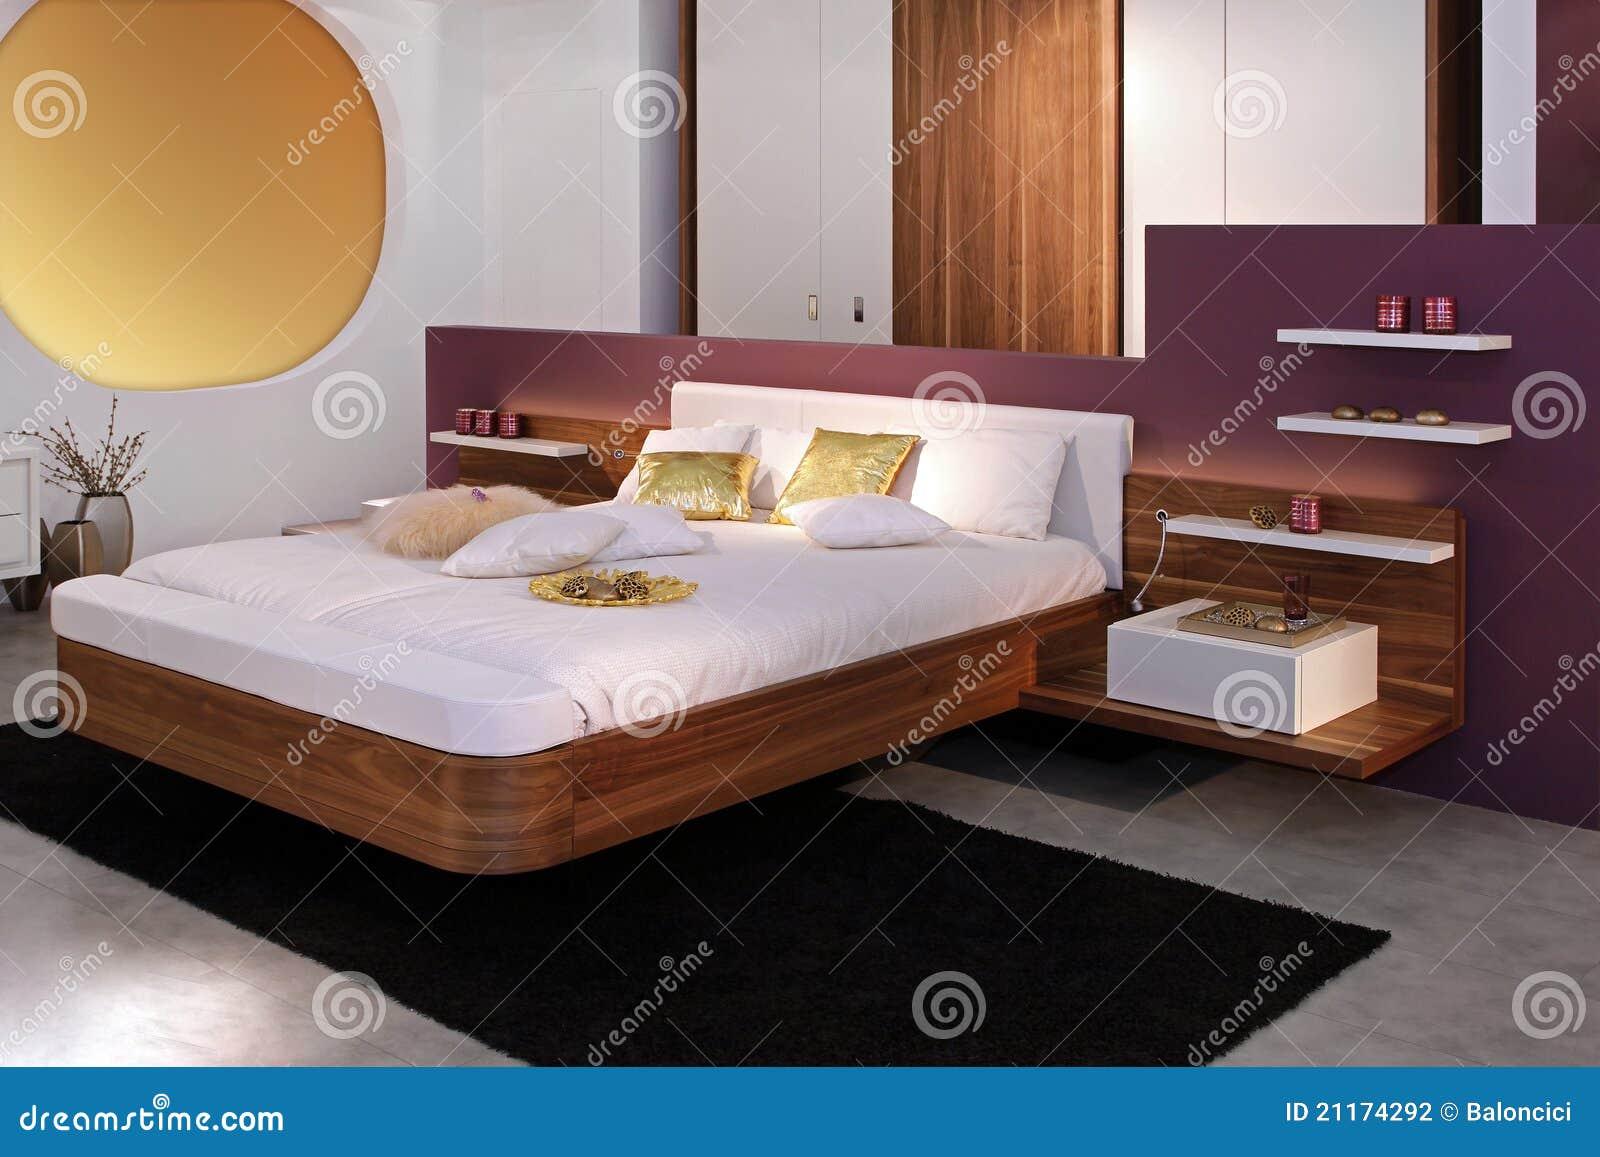 Chambre à coucher moderne photo stock. Image du intérieur - 21174292